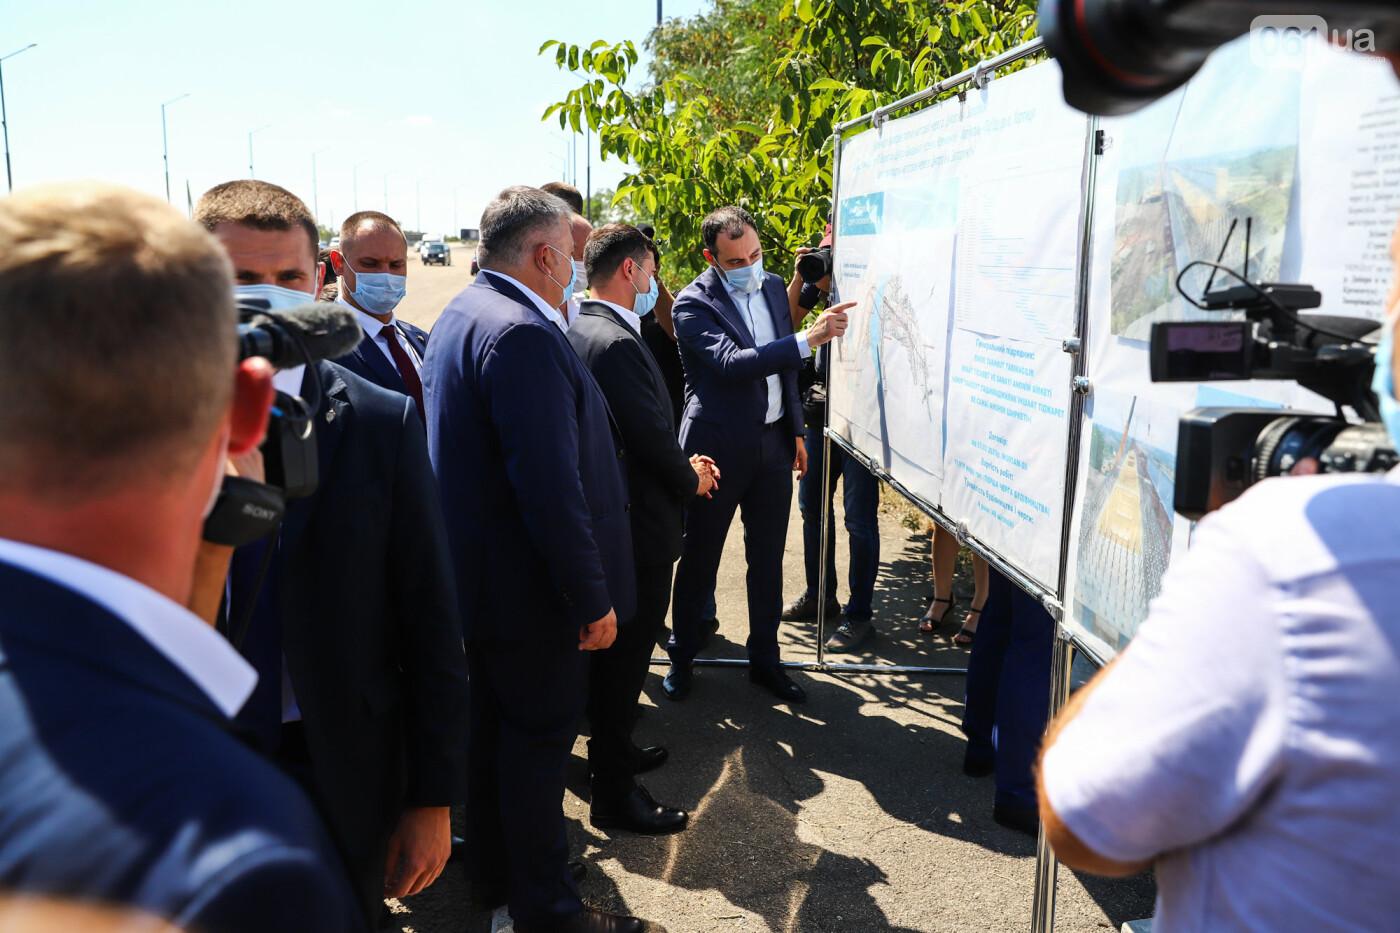 Визит Зеленского в Запорожье в фотографиях и высказываниях, фото-29